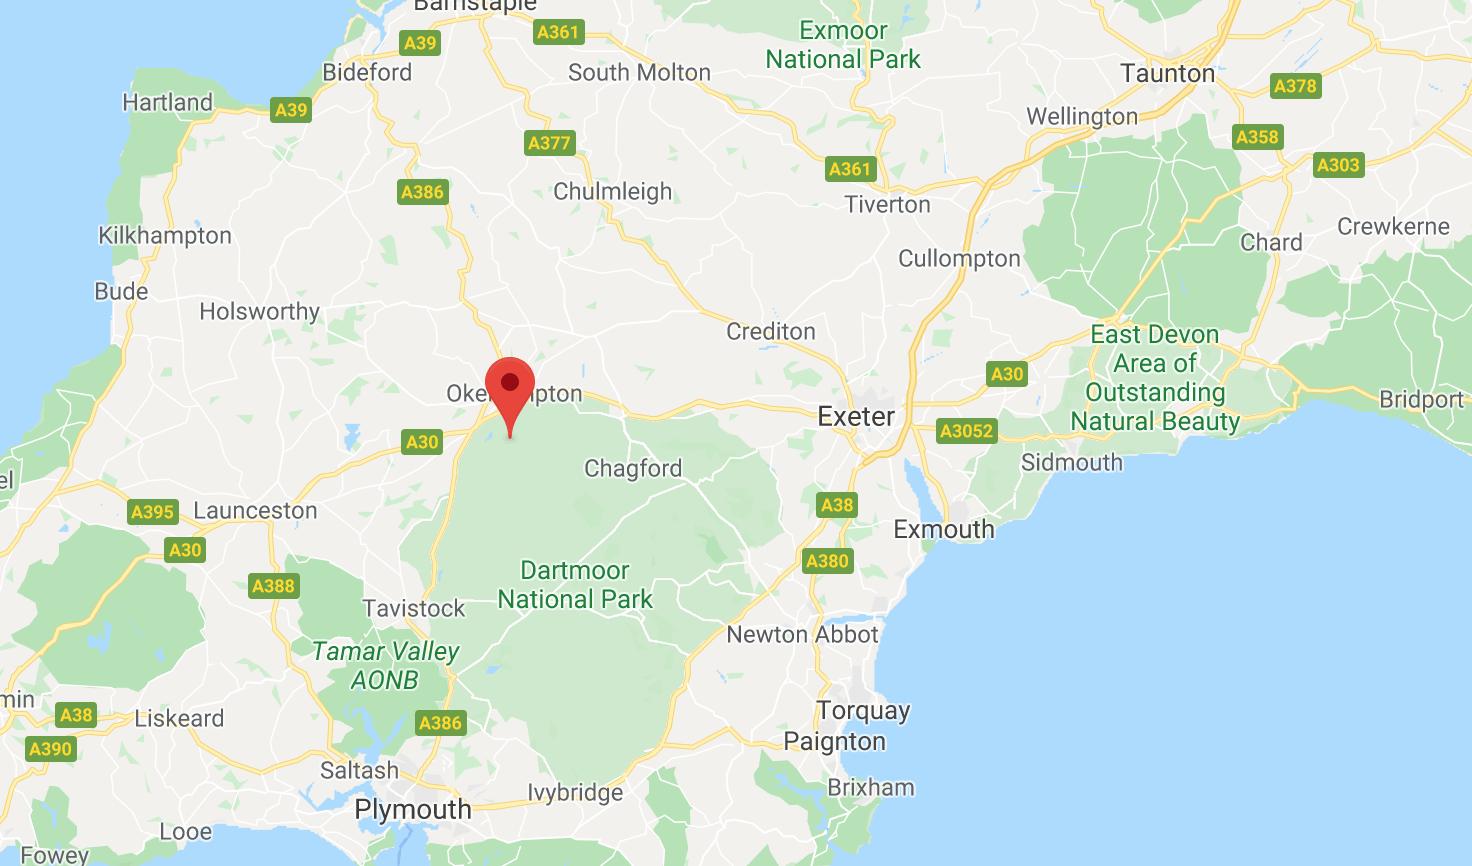 Walks in Dartmoor Devon Map